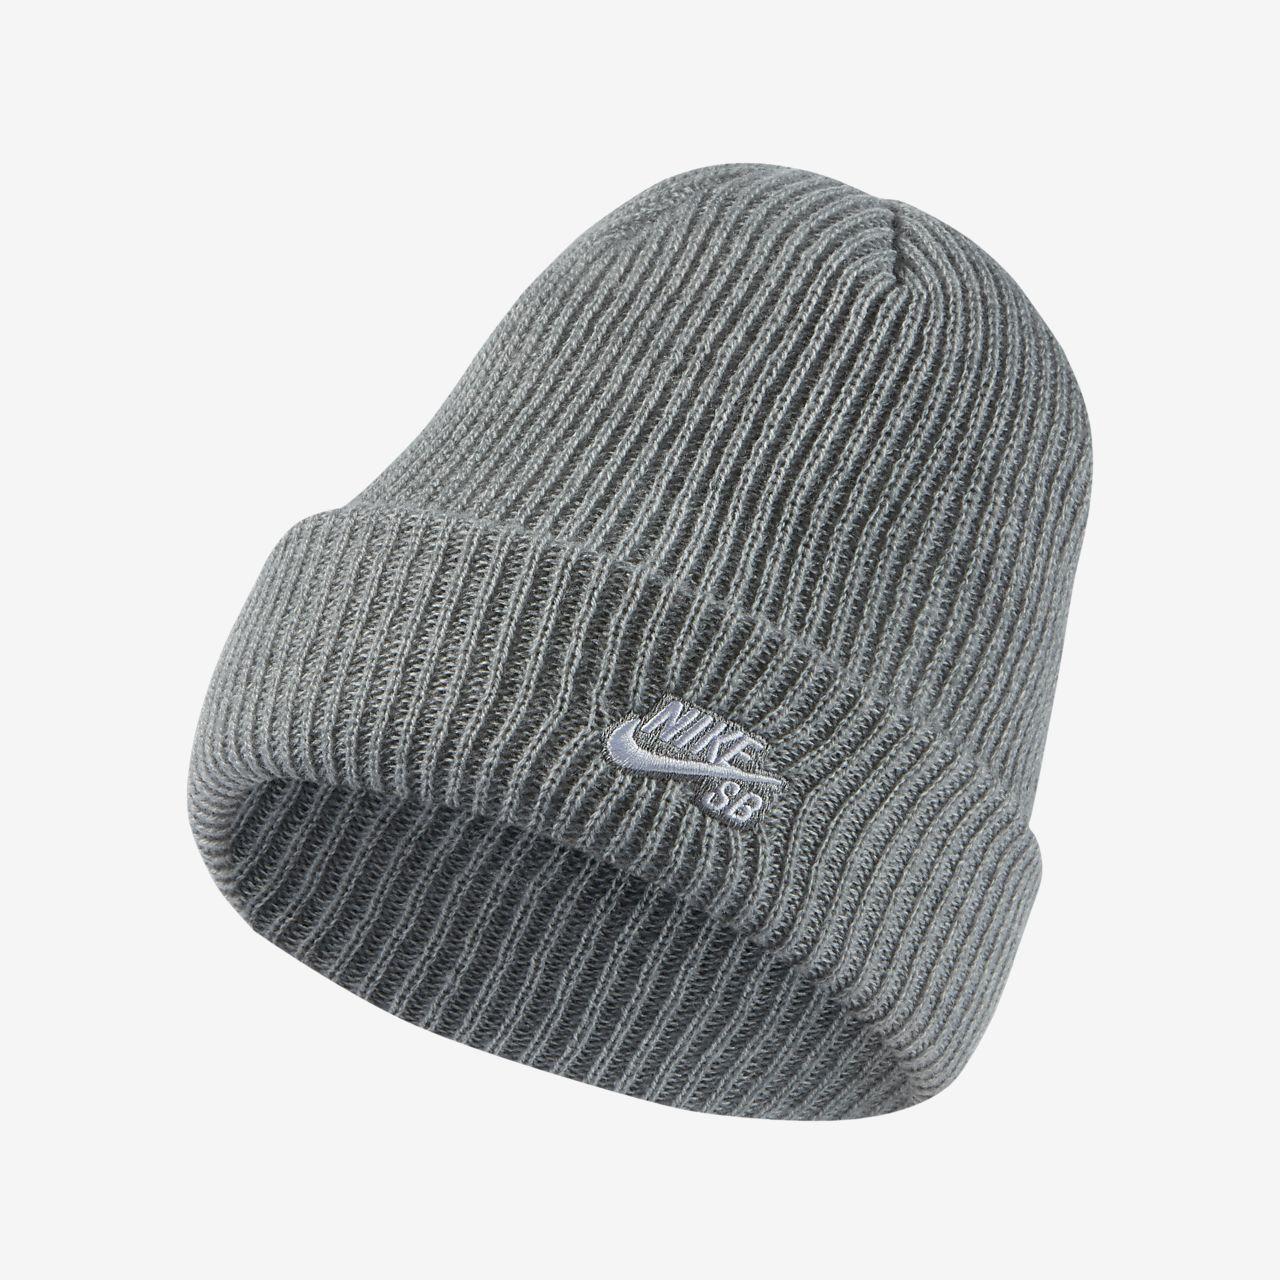 ab4aa07490b83 Nike SB Fisherman Knit Hat. Nike.com CA